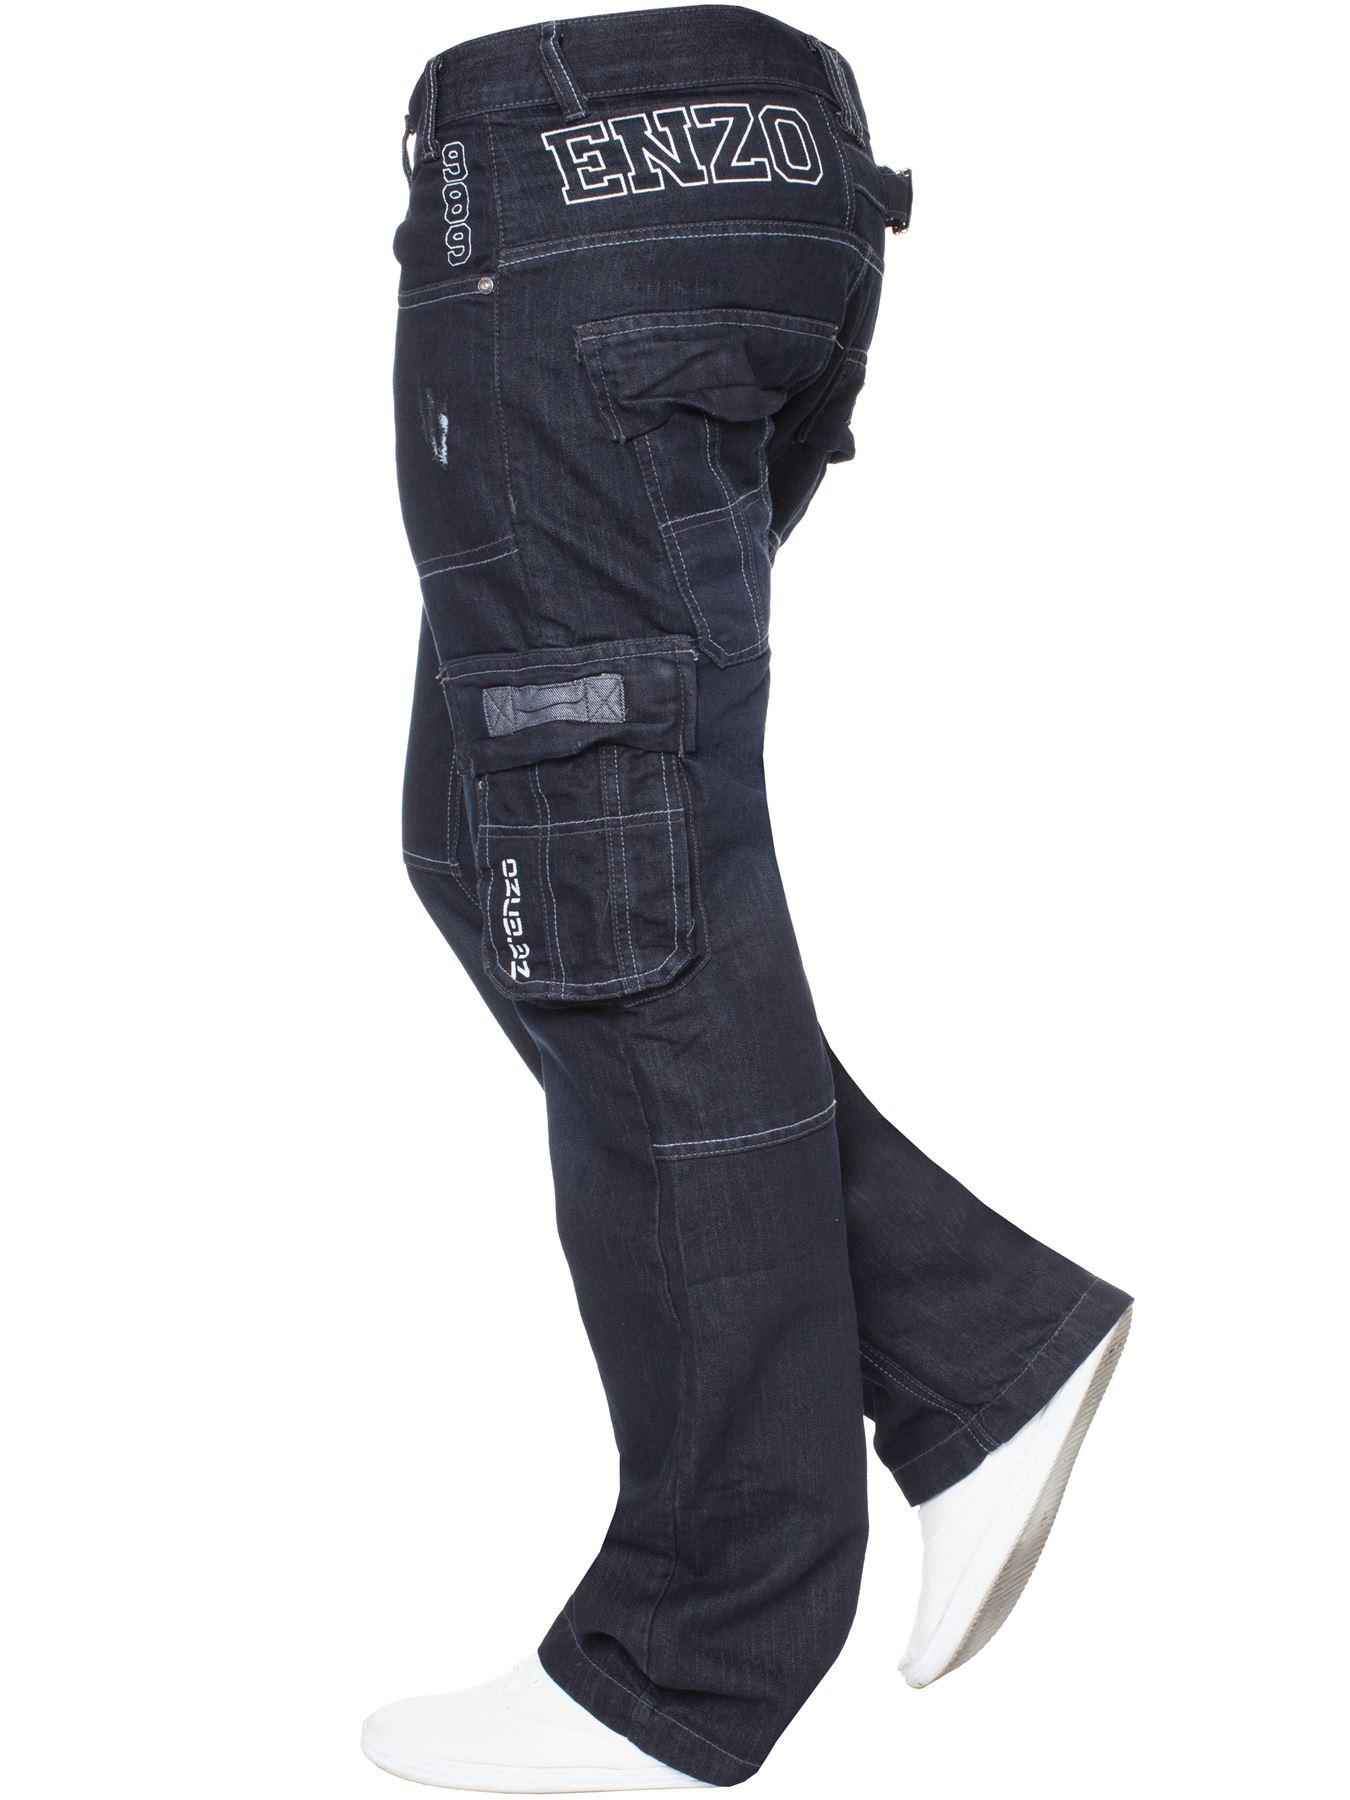 Jeans-Para-Hombre-de-carga-de-combate-pesado-Pantalones-de-trabajo-pantalones-de-mezclilla-Big-King miniatura 24